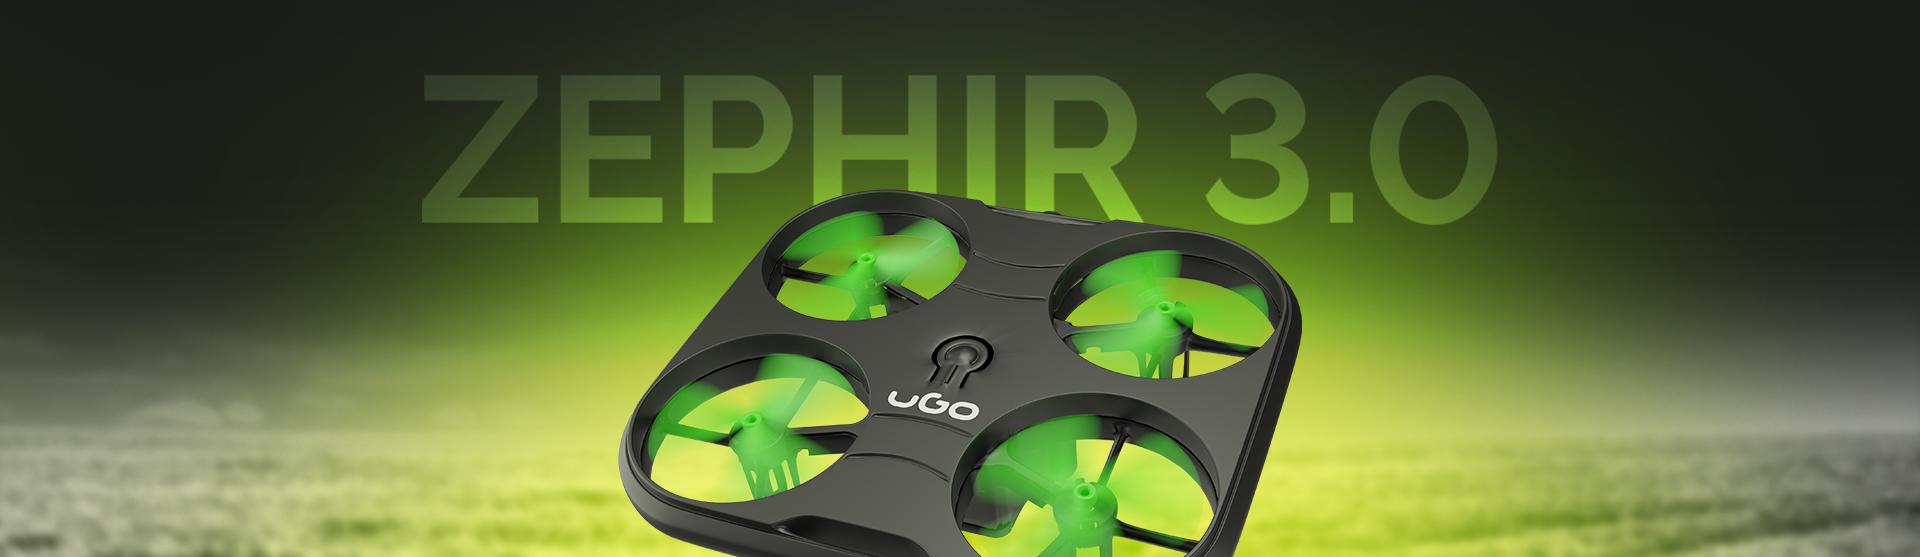 drone ugo zephir 3.0 4